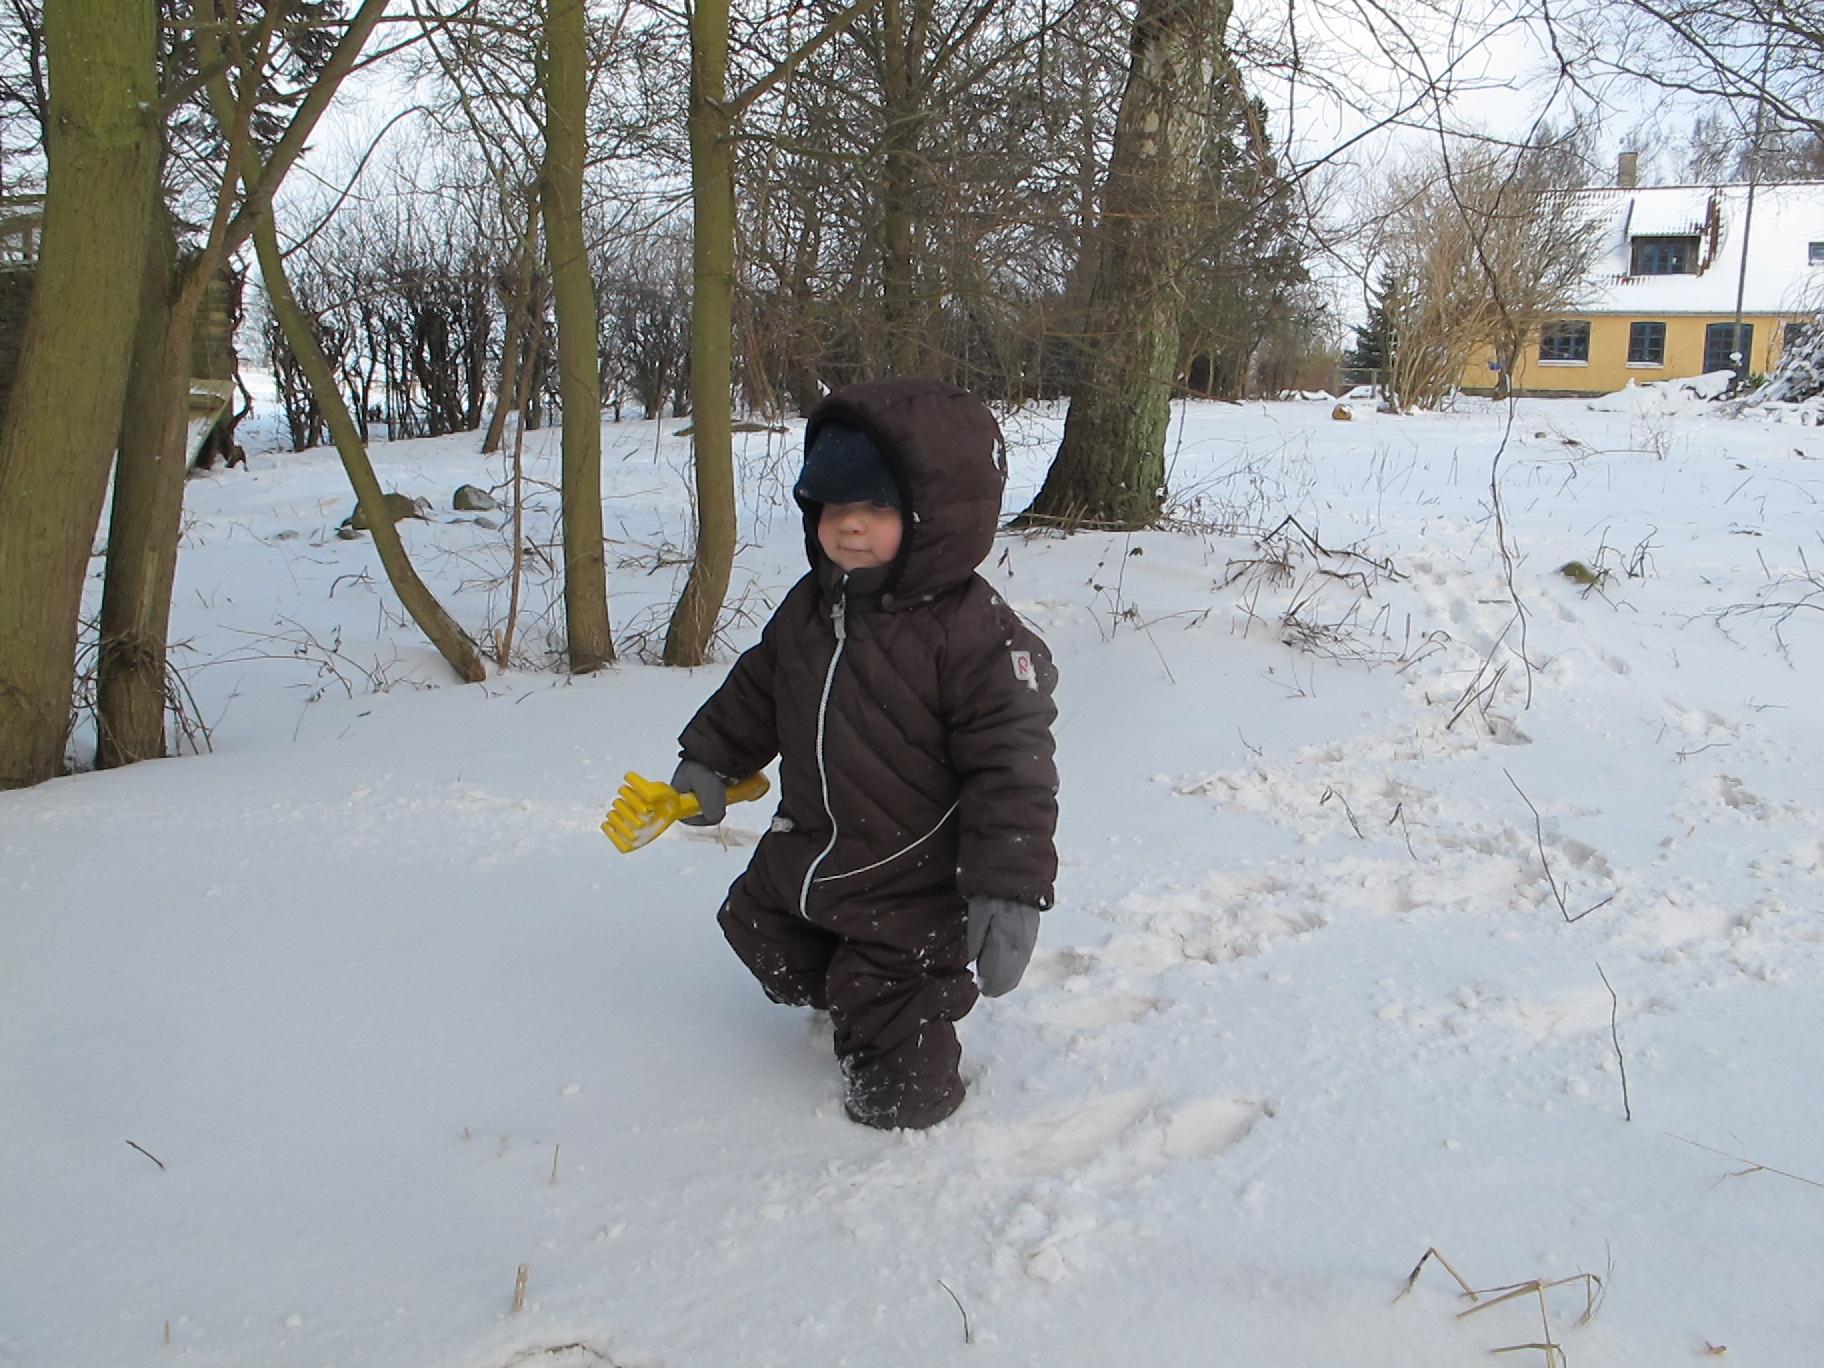 En glad Storm nyder snevejret - og friheden.